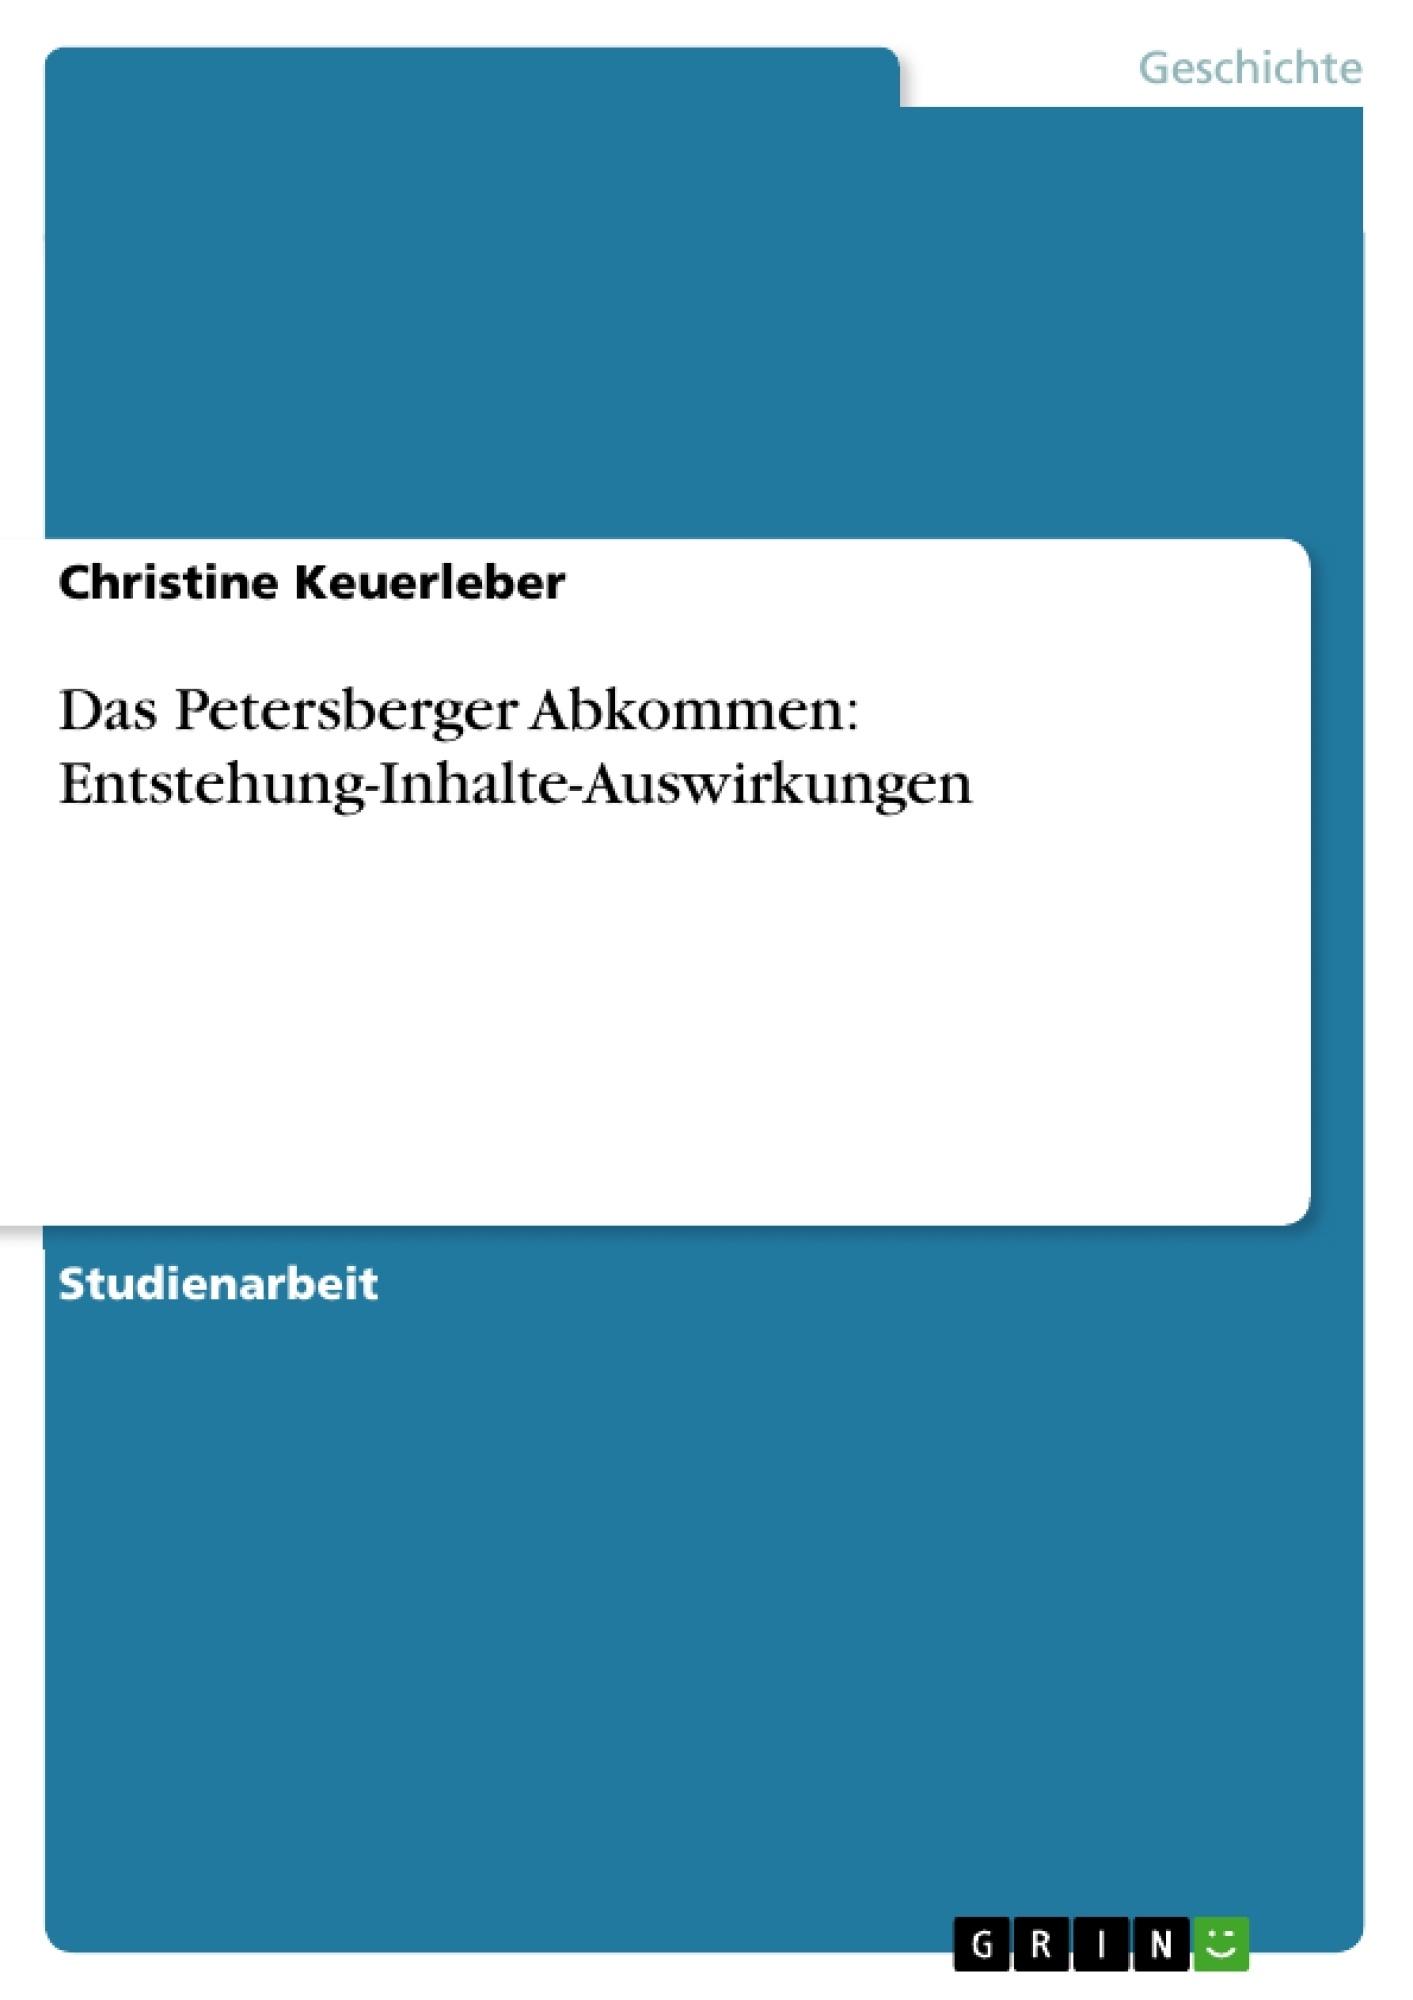 Titel: Das Petersberger Abkommen: Entstehung-Inhalte-Auswirkungen